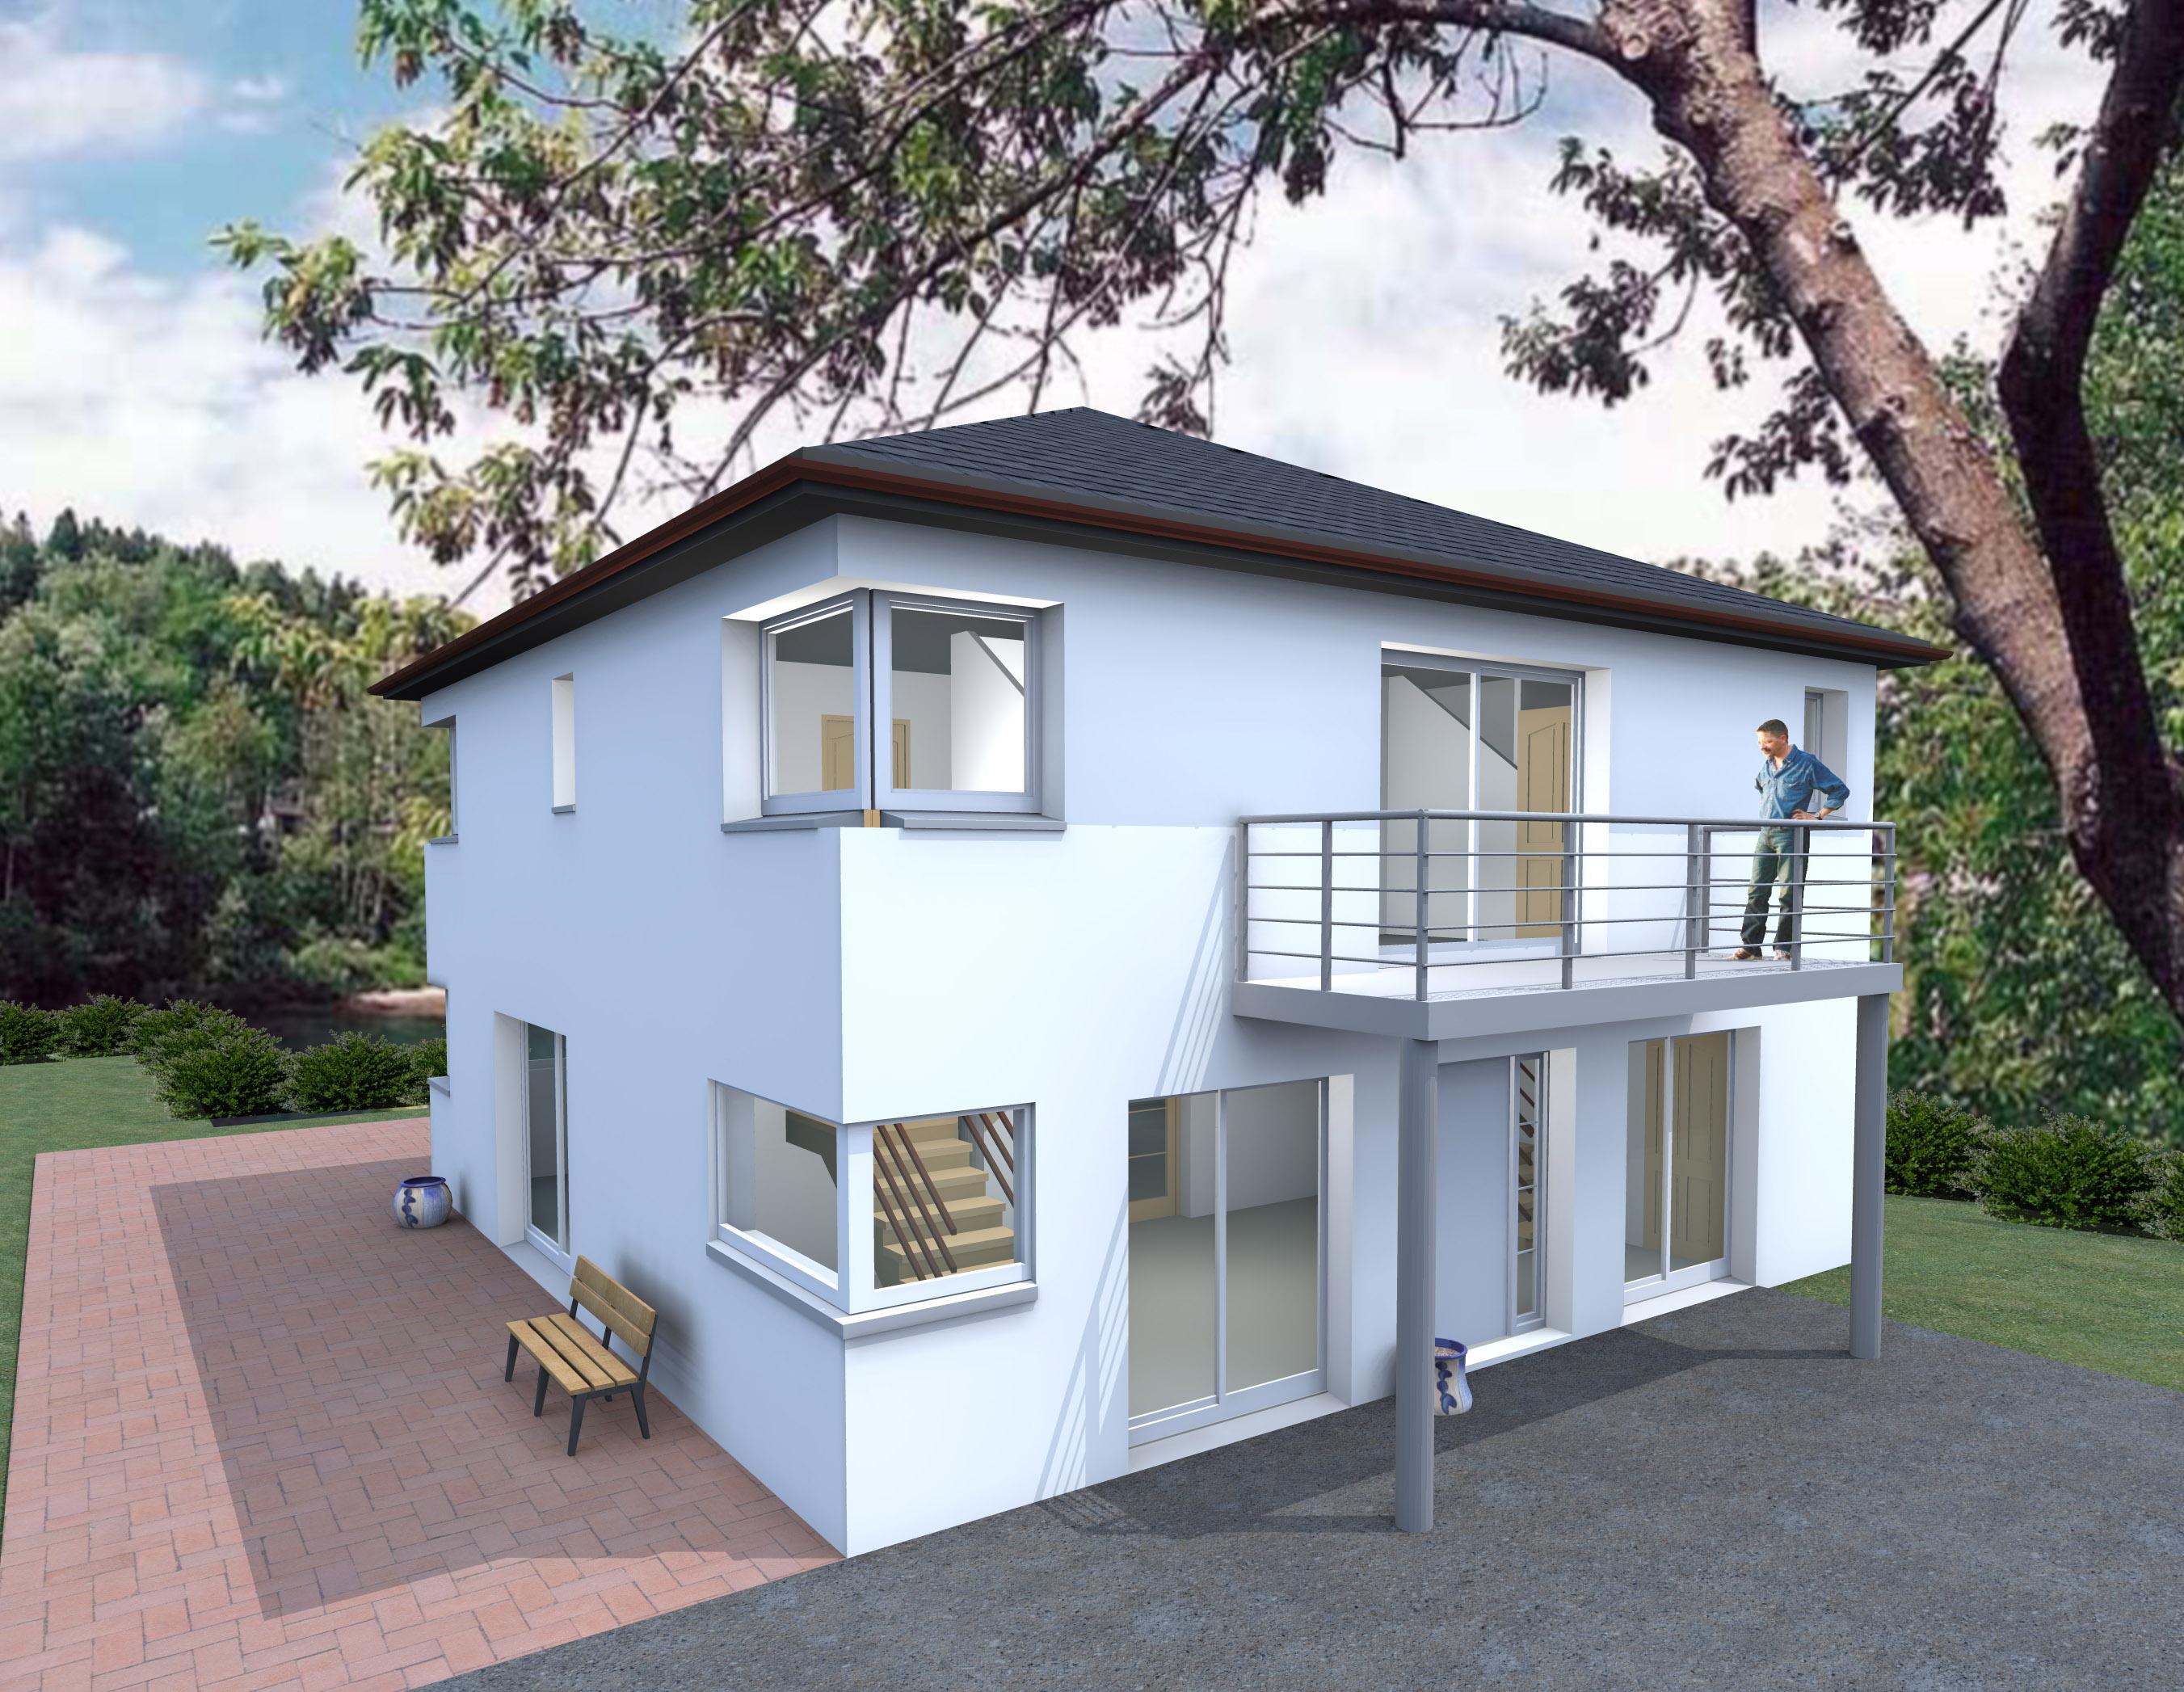 Modele de maison a etage moderne ventana blog for Modele maison contemporaine a etage